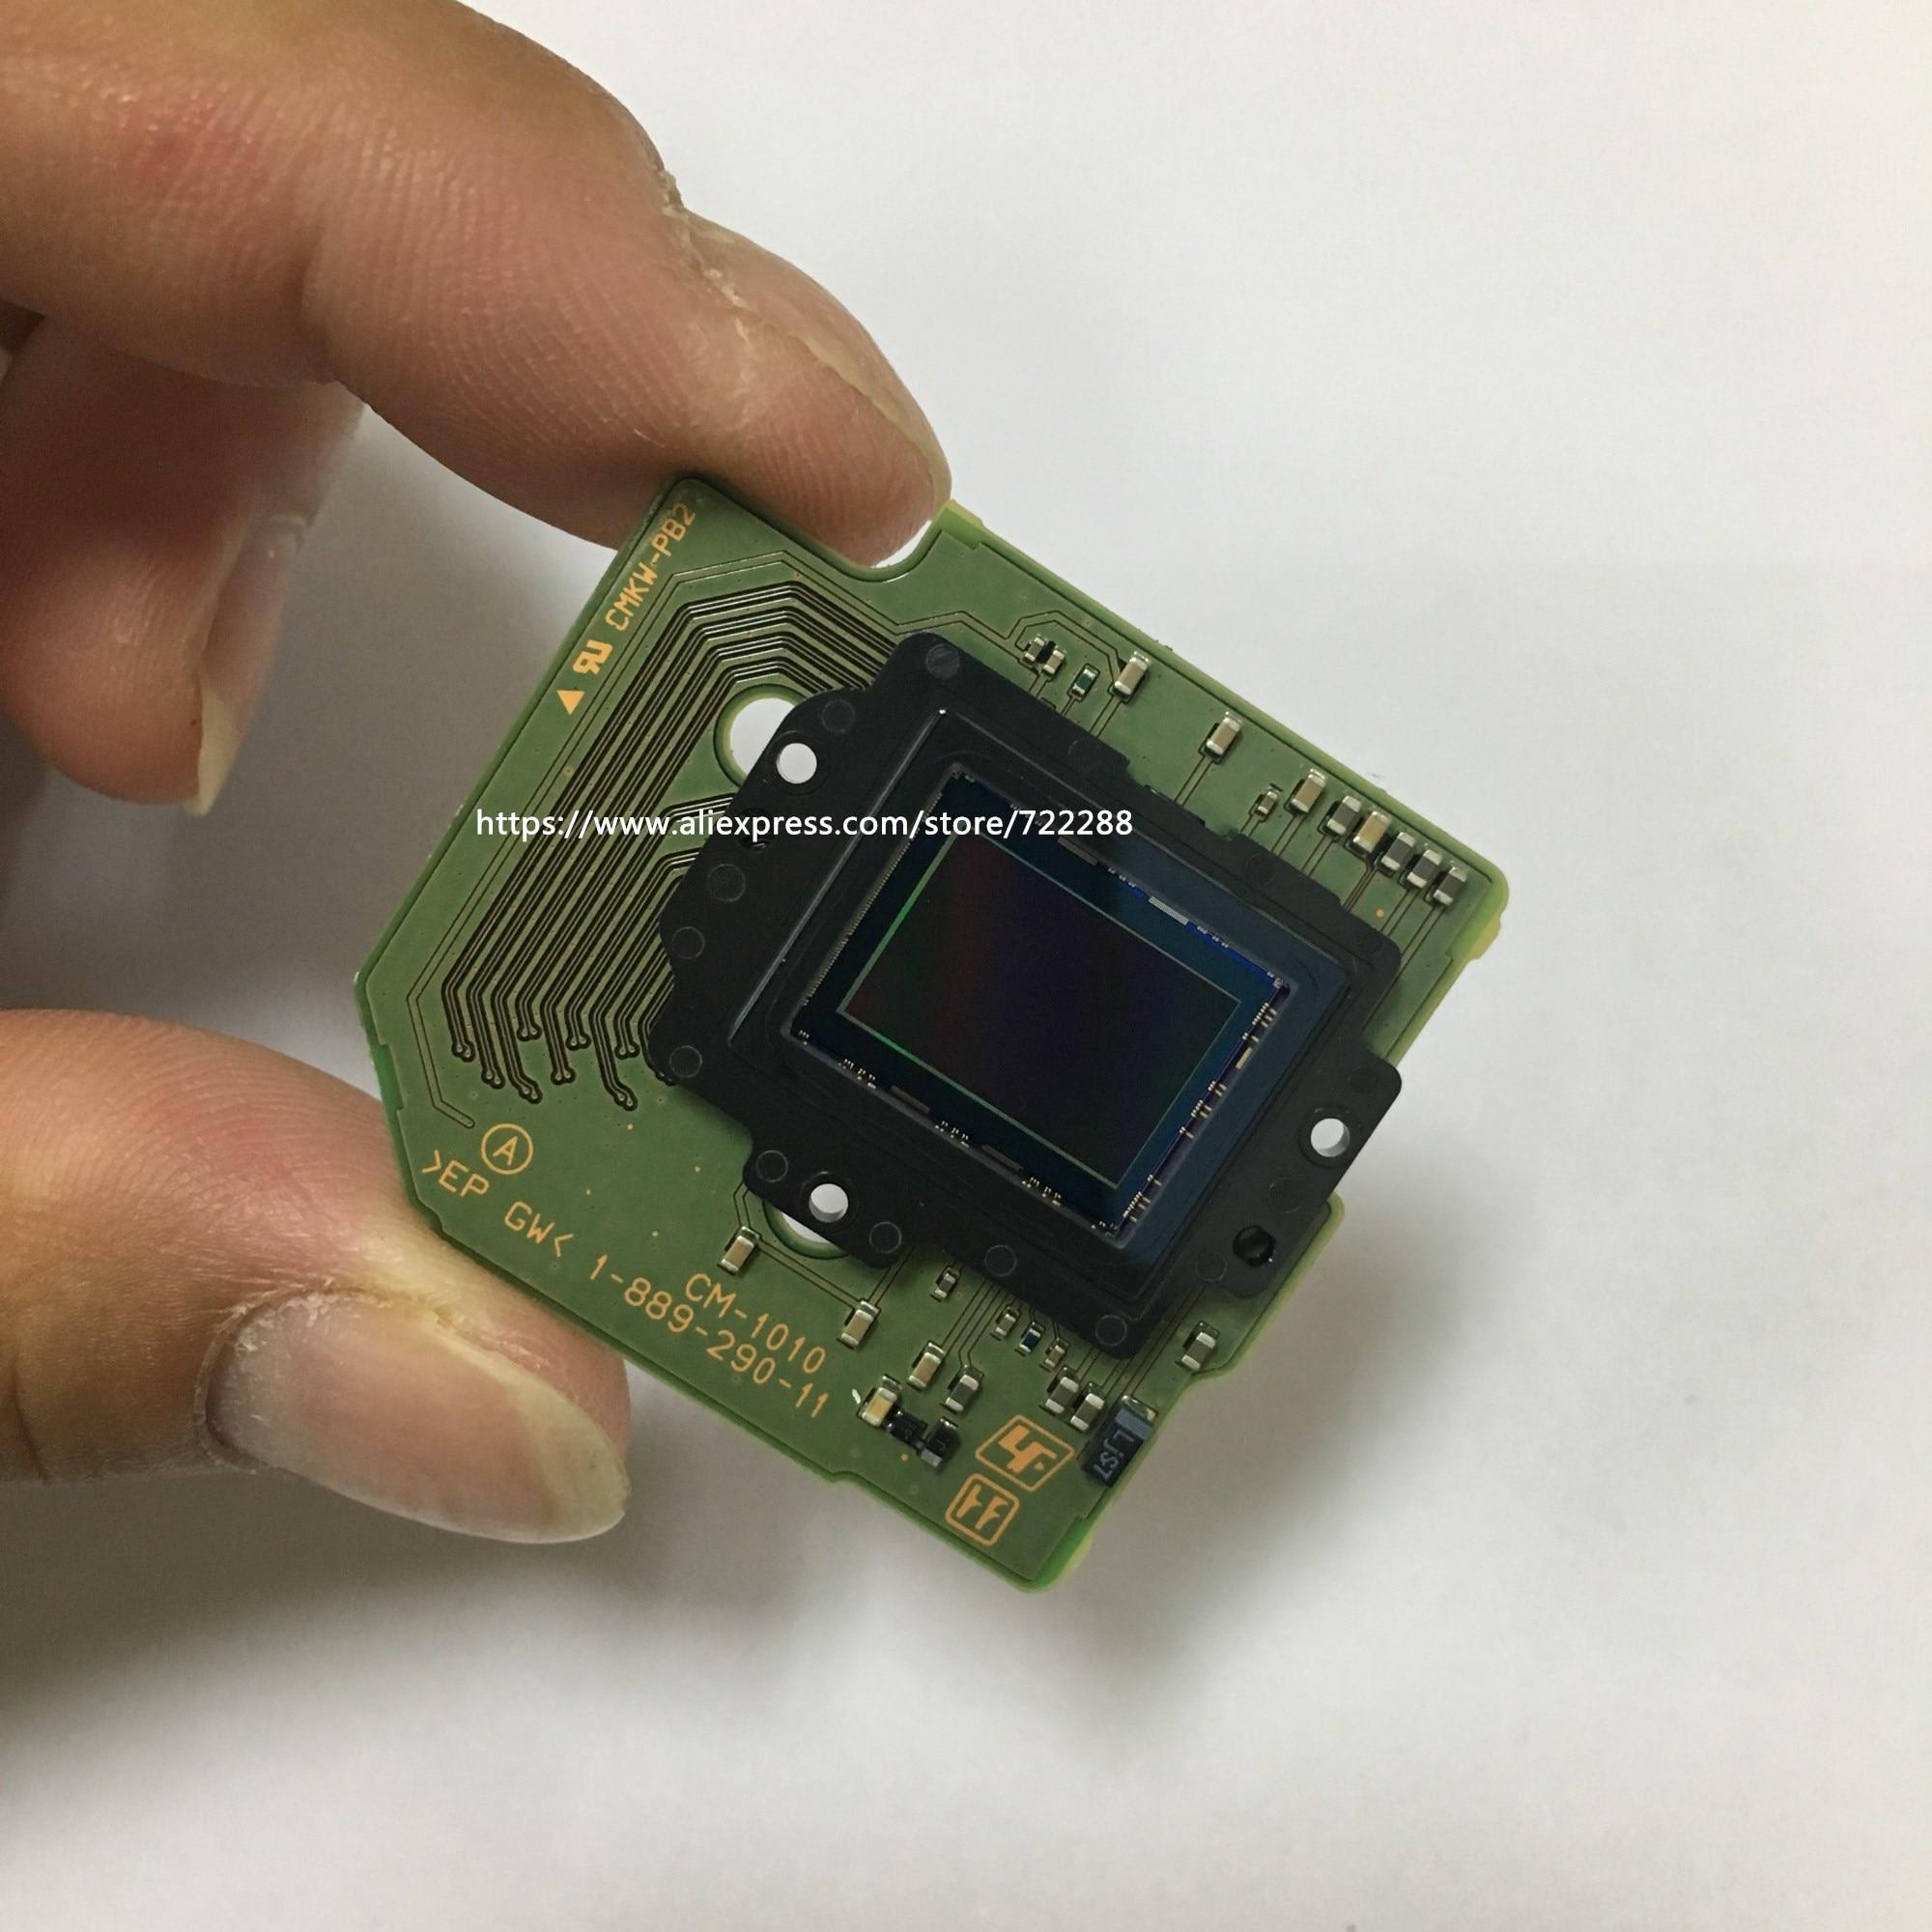 Peças de reparo Para Sony HDR-CX900 FDR-AX100 FDR-AX100E PXW-X70 PXW-Z150 CCD CMOS Sensor de Imagem Unidade Matriz CM-1010